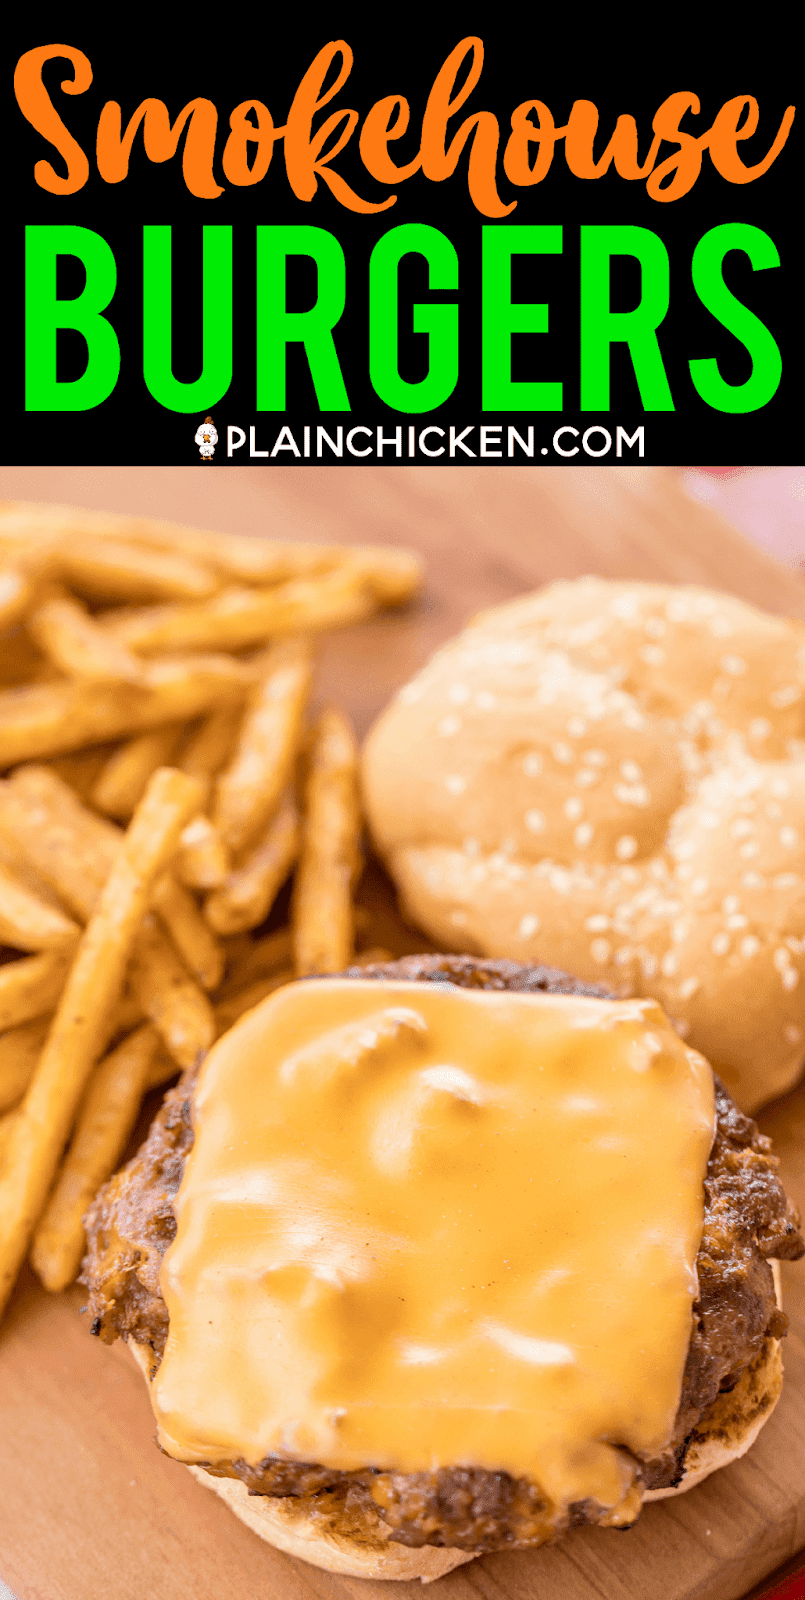 Smokehouse Burgers - ¡LAS MEJORES hamburguesas! Carne molida y salchichas cargadas de queso cheddar, tocino, rancho, salsa barbacoa y cebolla francesa frita. ¡¡¡Perfección!!! Se puede adelantar y congelar para más tarde. ¡Hicimos esto para una comida al aire libre y todos pidieron la receta! Nuestra receta de hamburguesas # 1 !! ¡Necesitas hacer esto lo antes posible! #grilling #burgers #beef